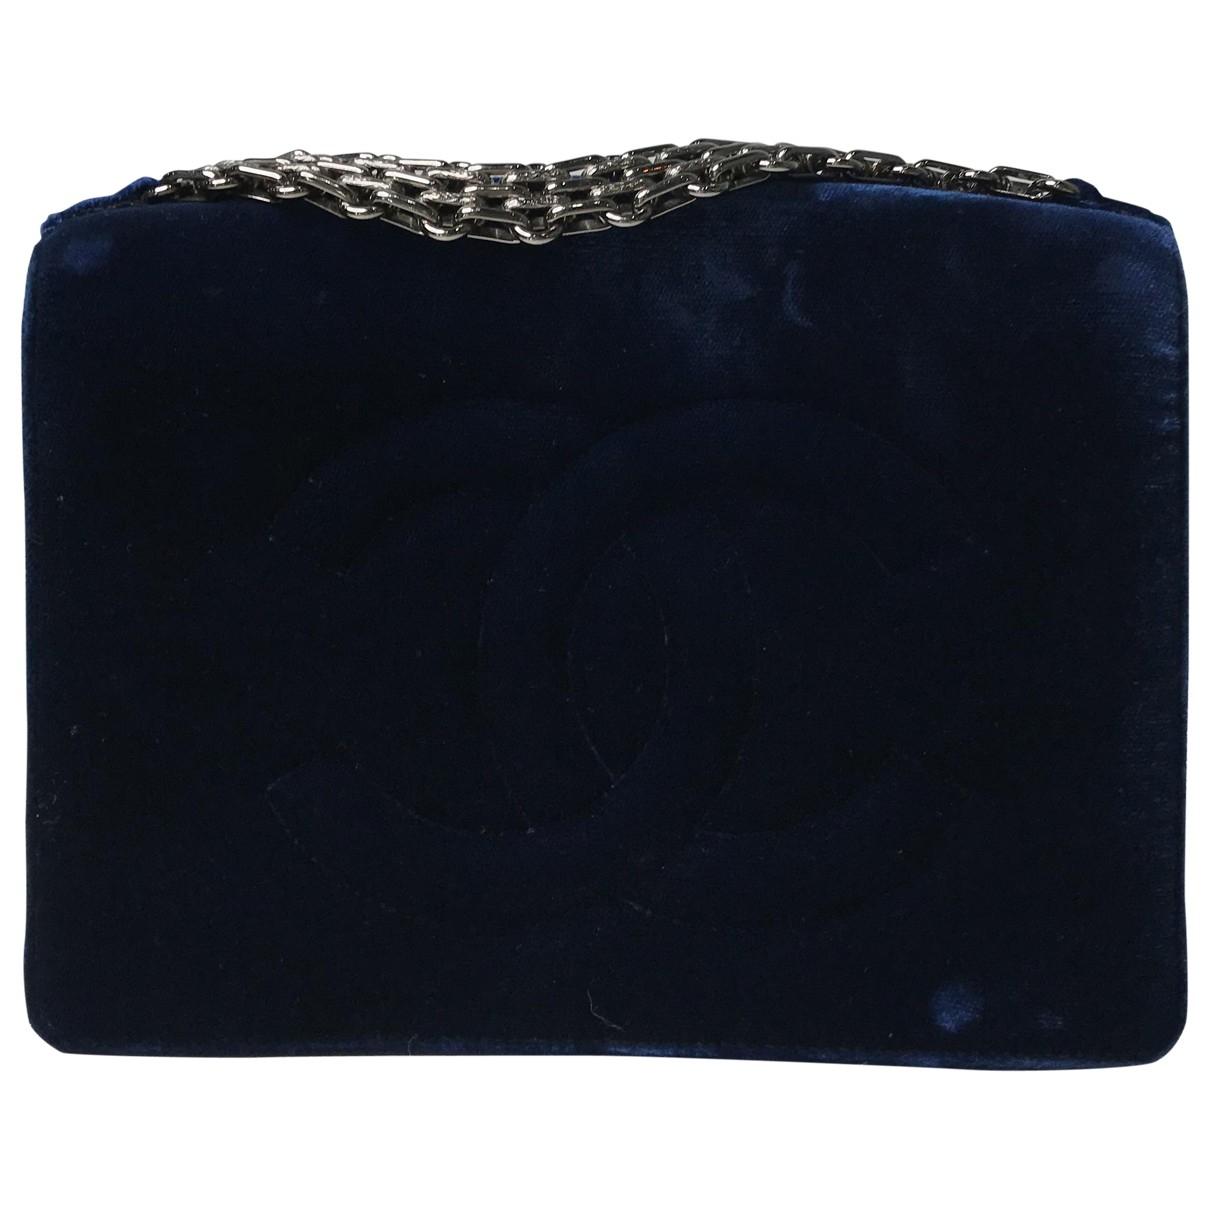 Chanel - Pochette   pour femme en velours - bleu